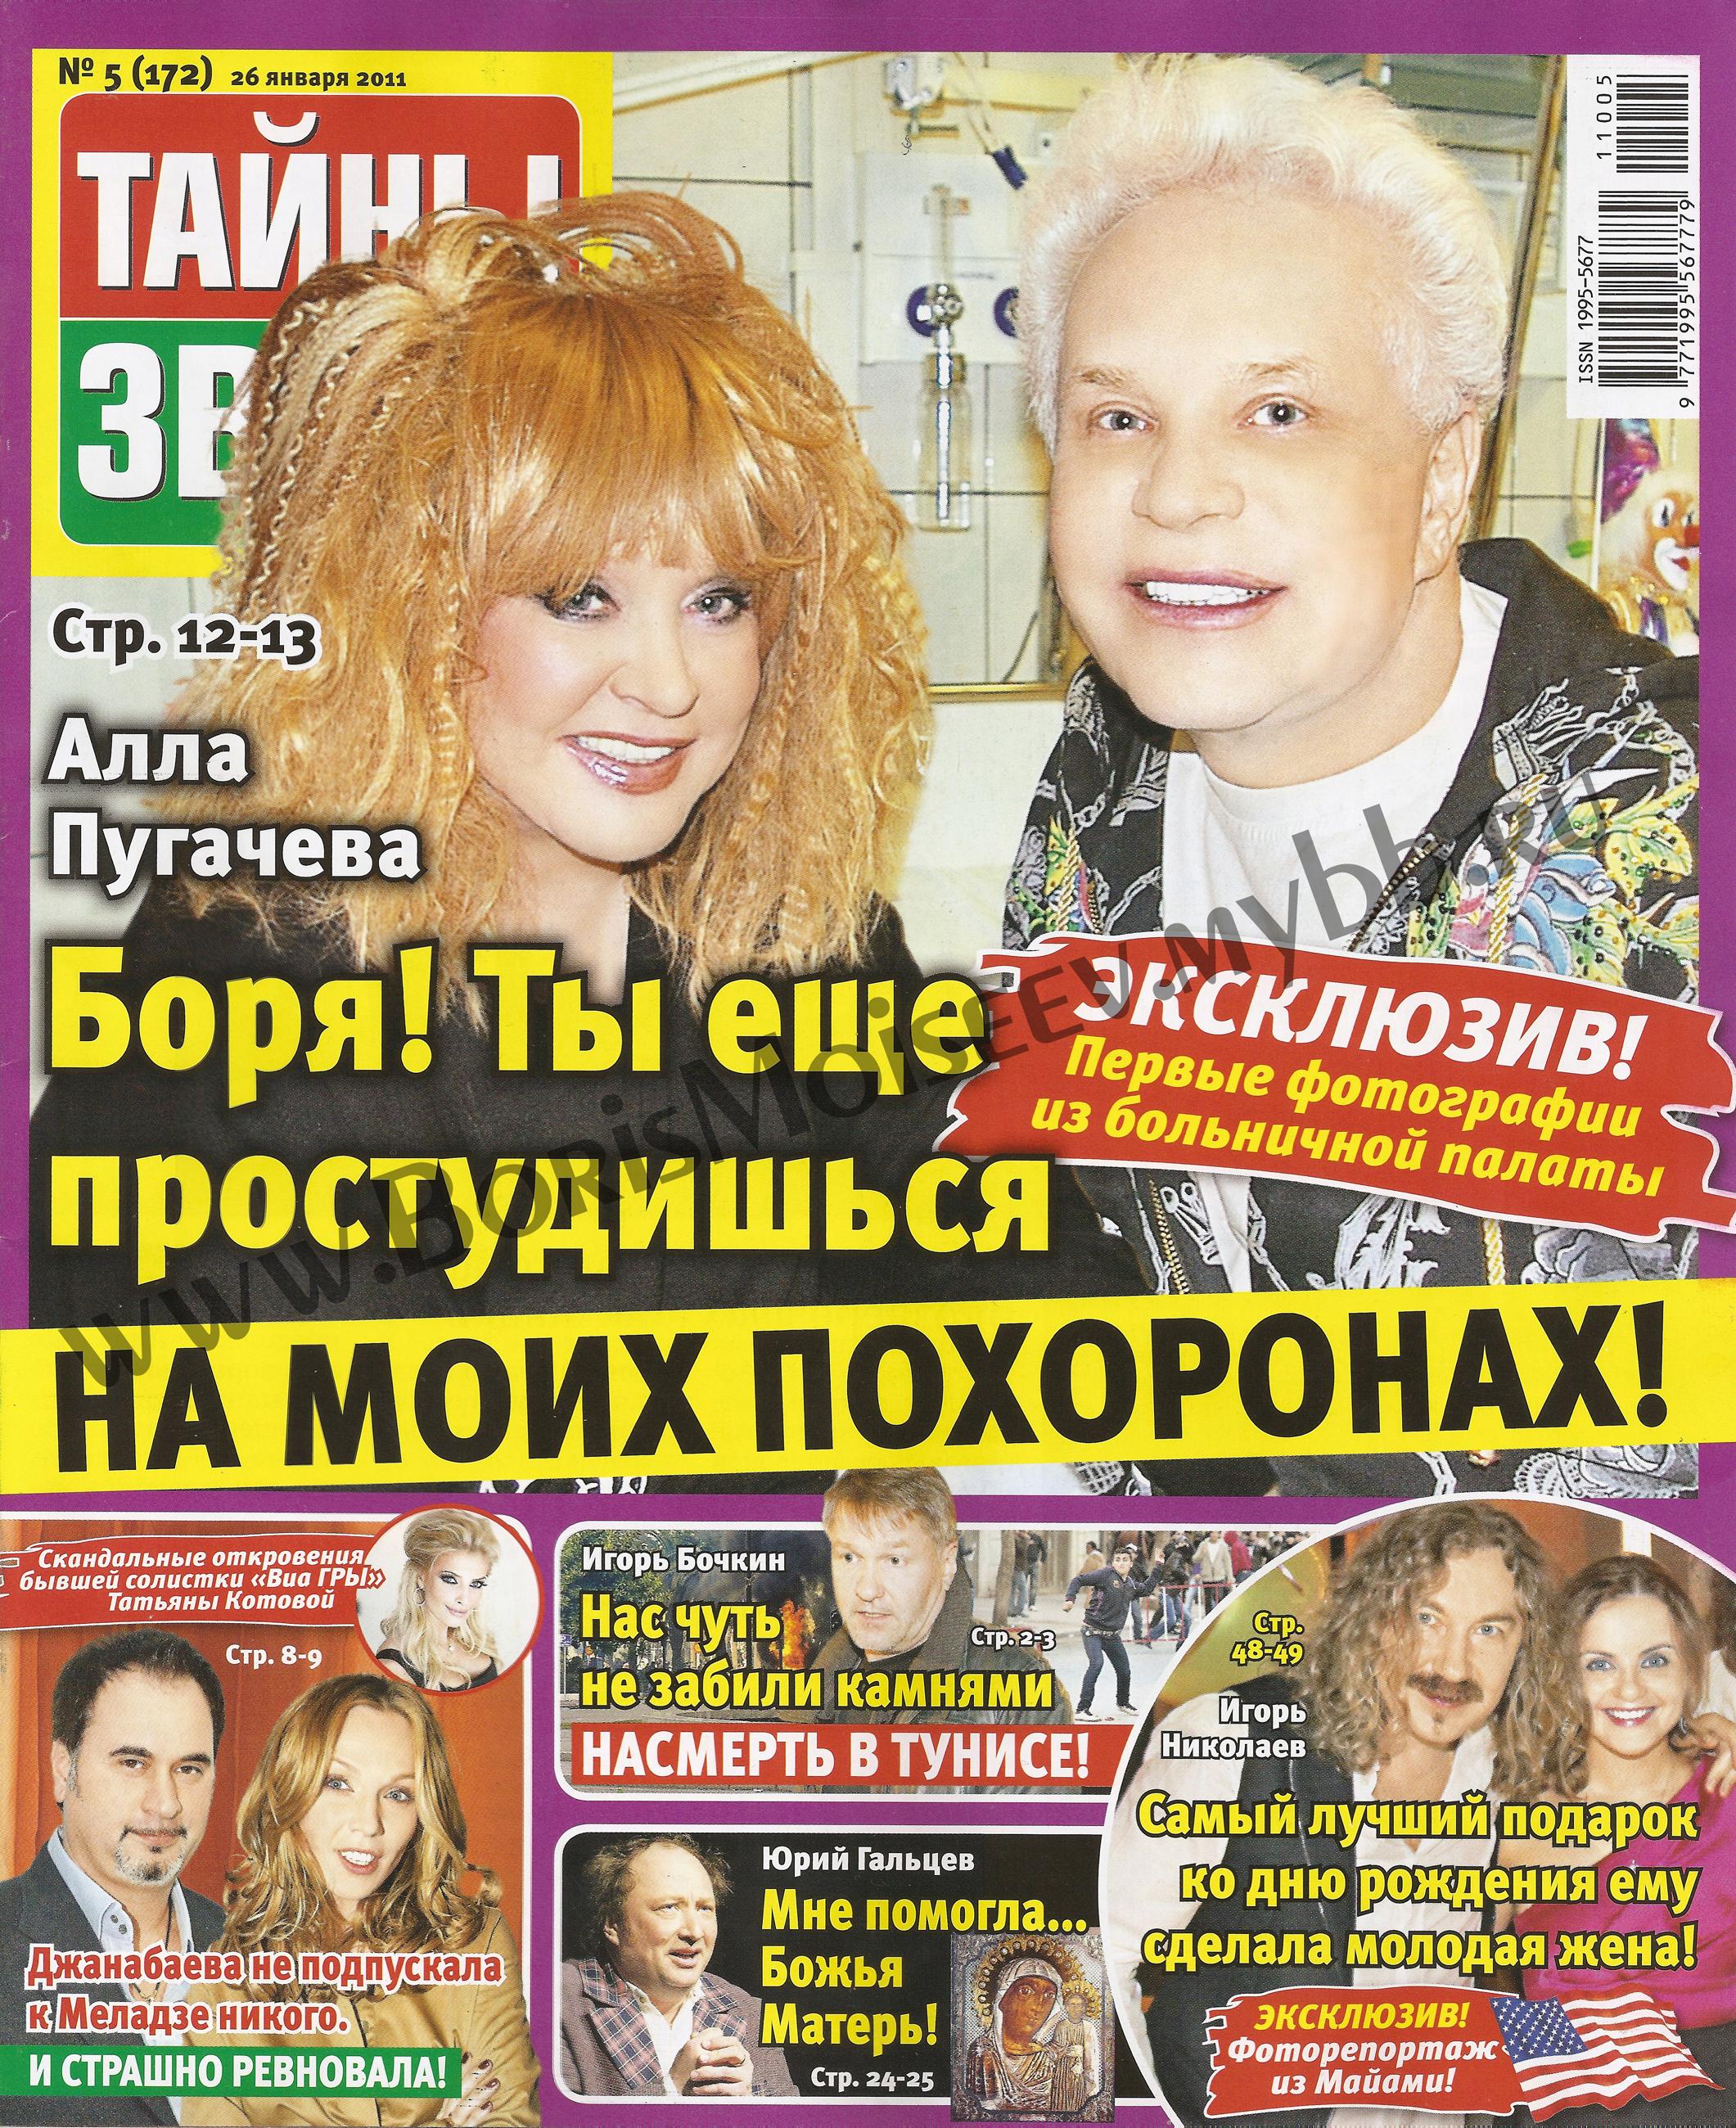 http://img-fotki.yandex.ru/get/4606/artik772.0/0_4afe4_337607b2_orig.jpg